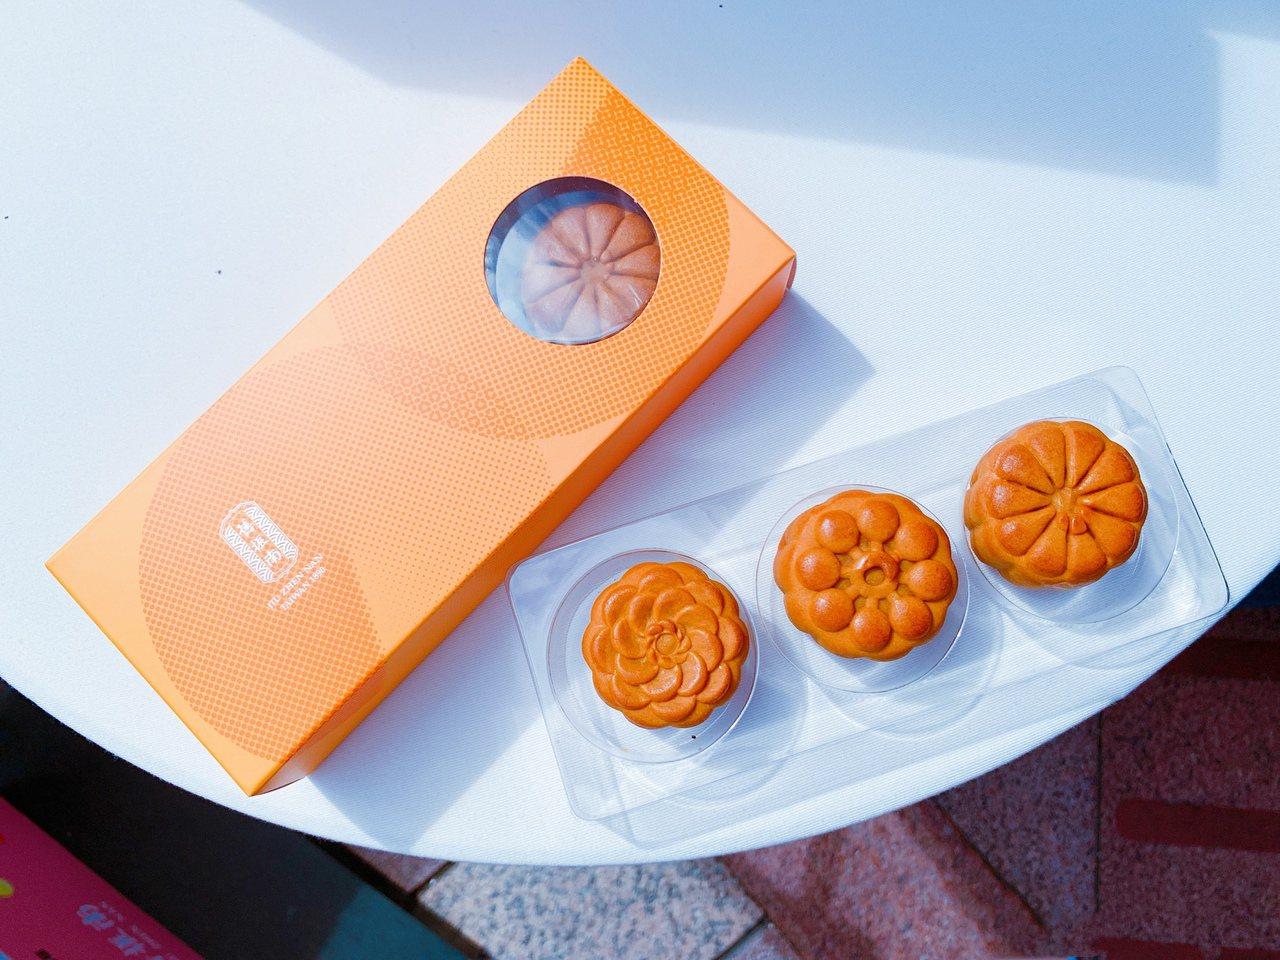 「饗月禮盒」內含廣式小月餅9入,售價720元。記者徐力剛/攝影